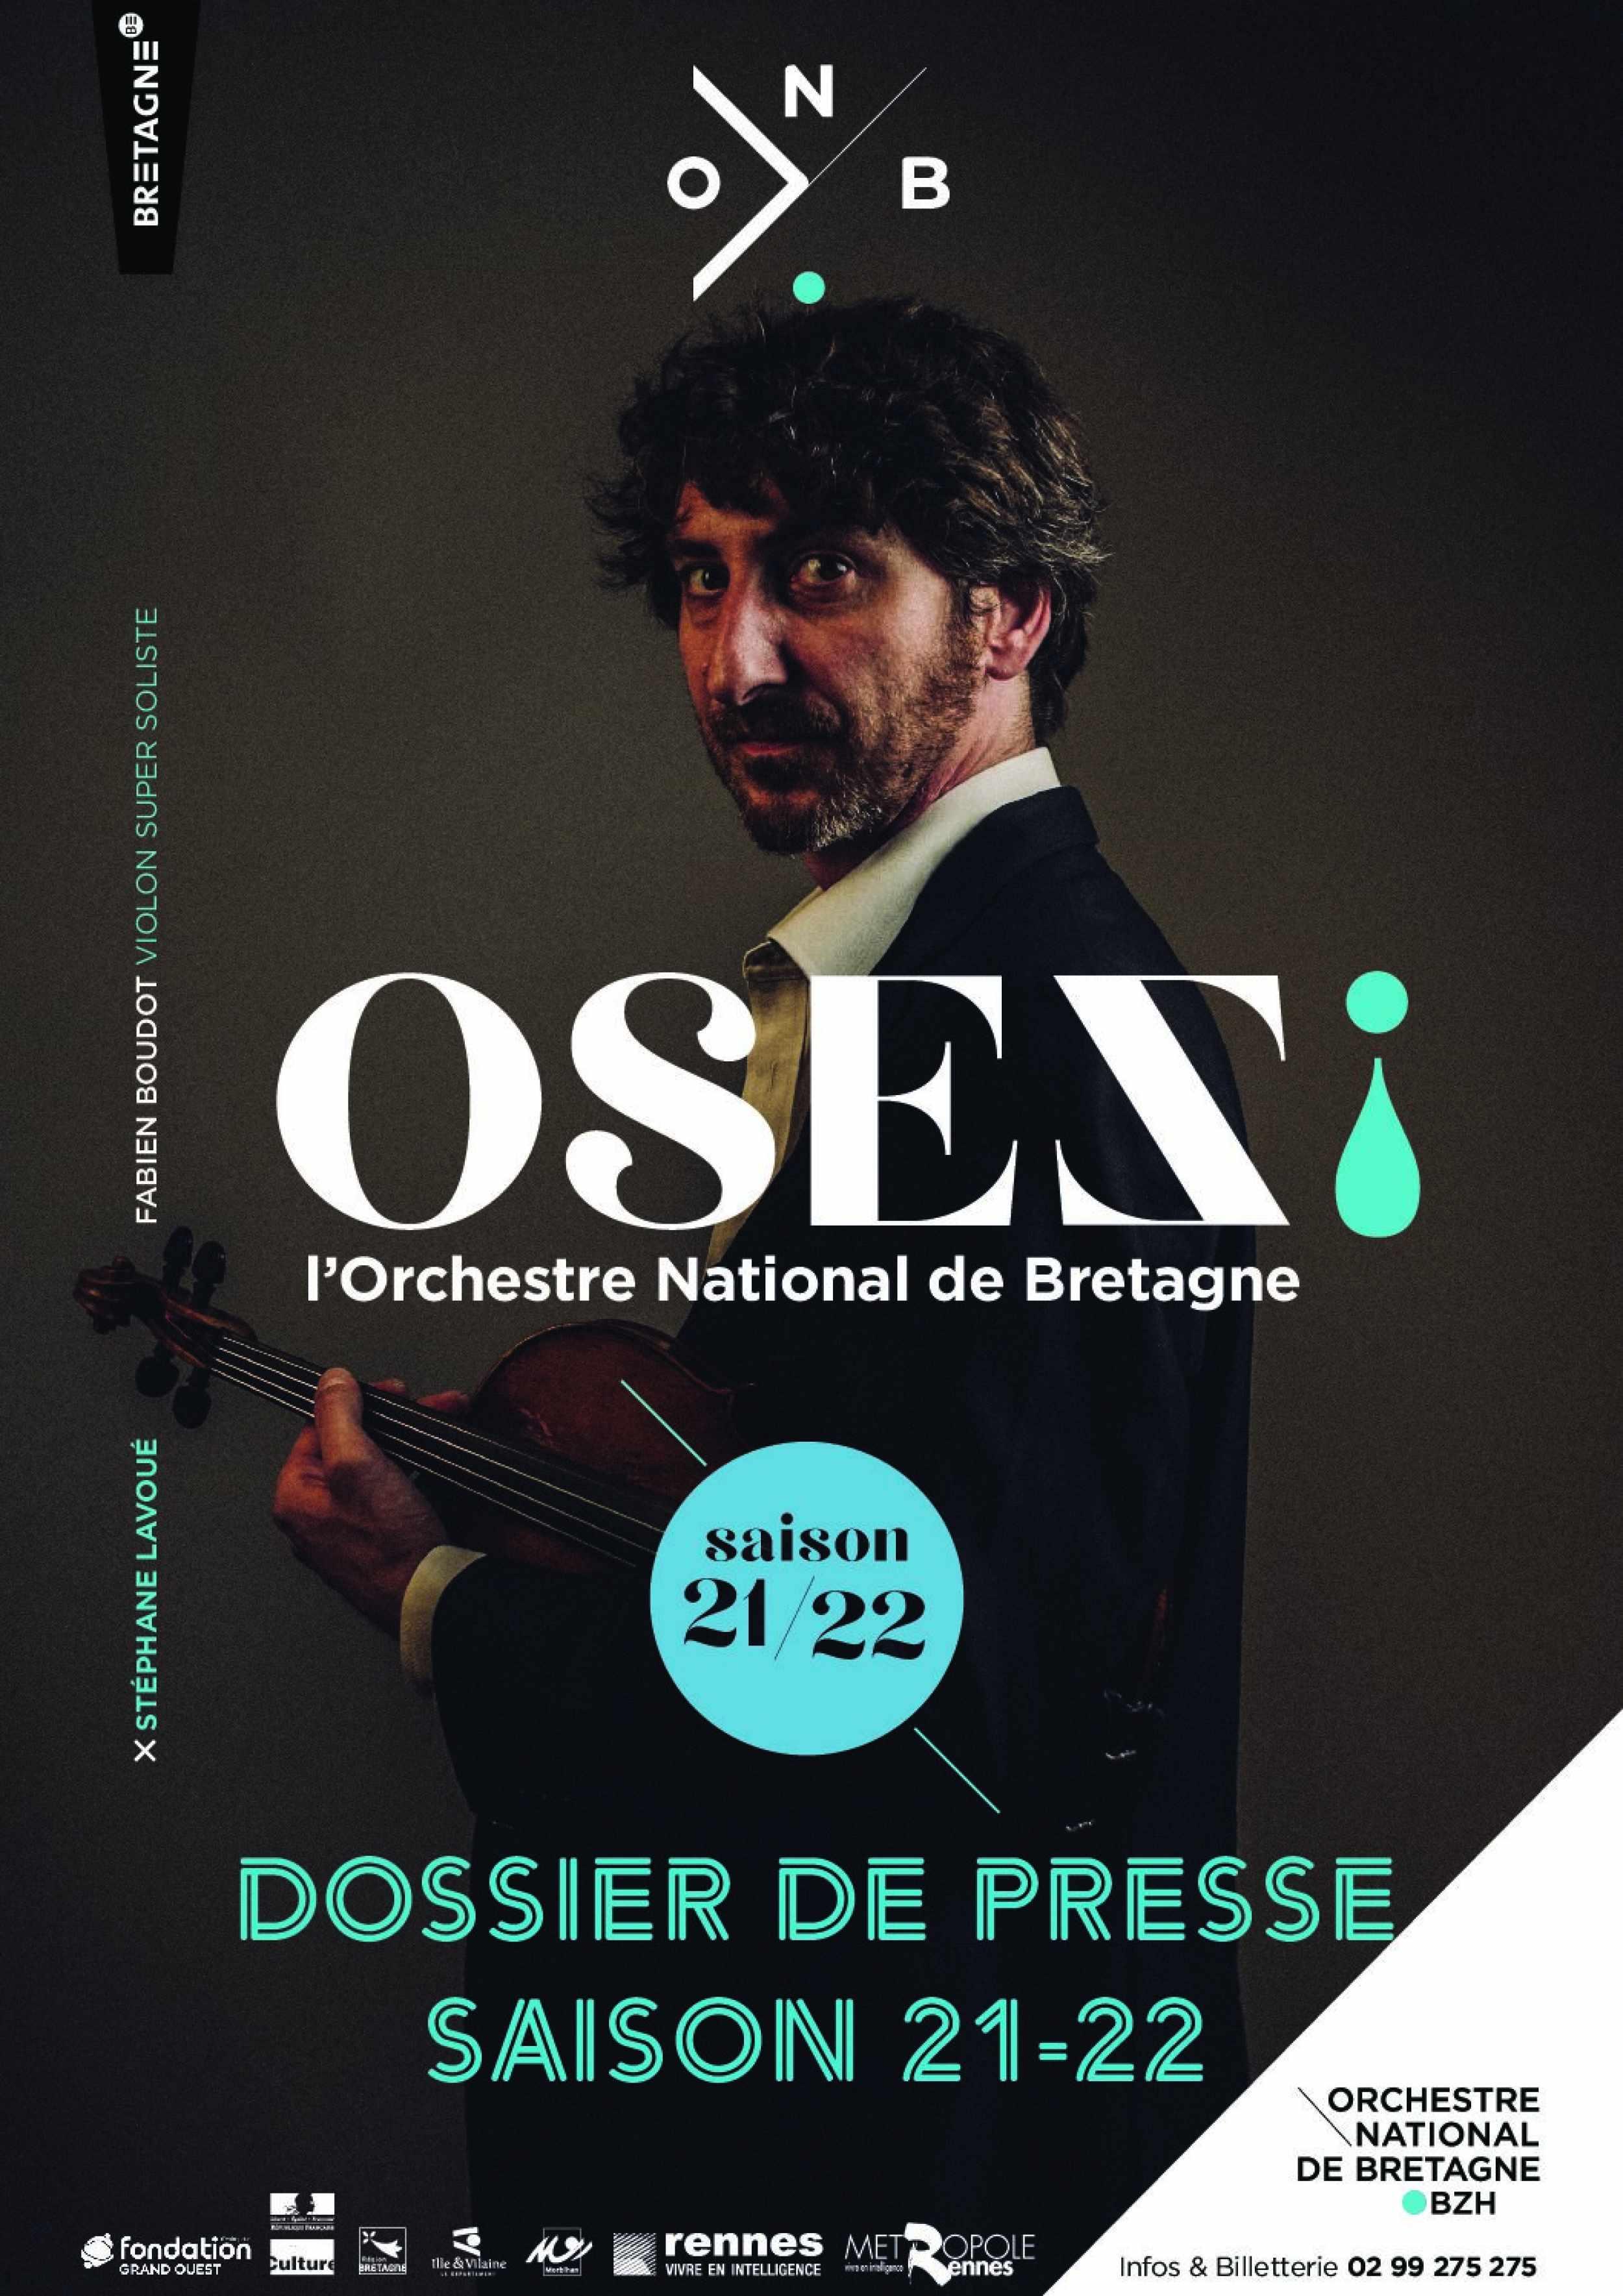 ONB Dossier de presse 2021-2022